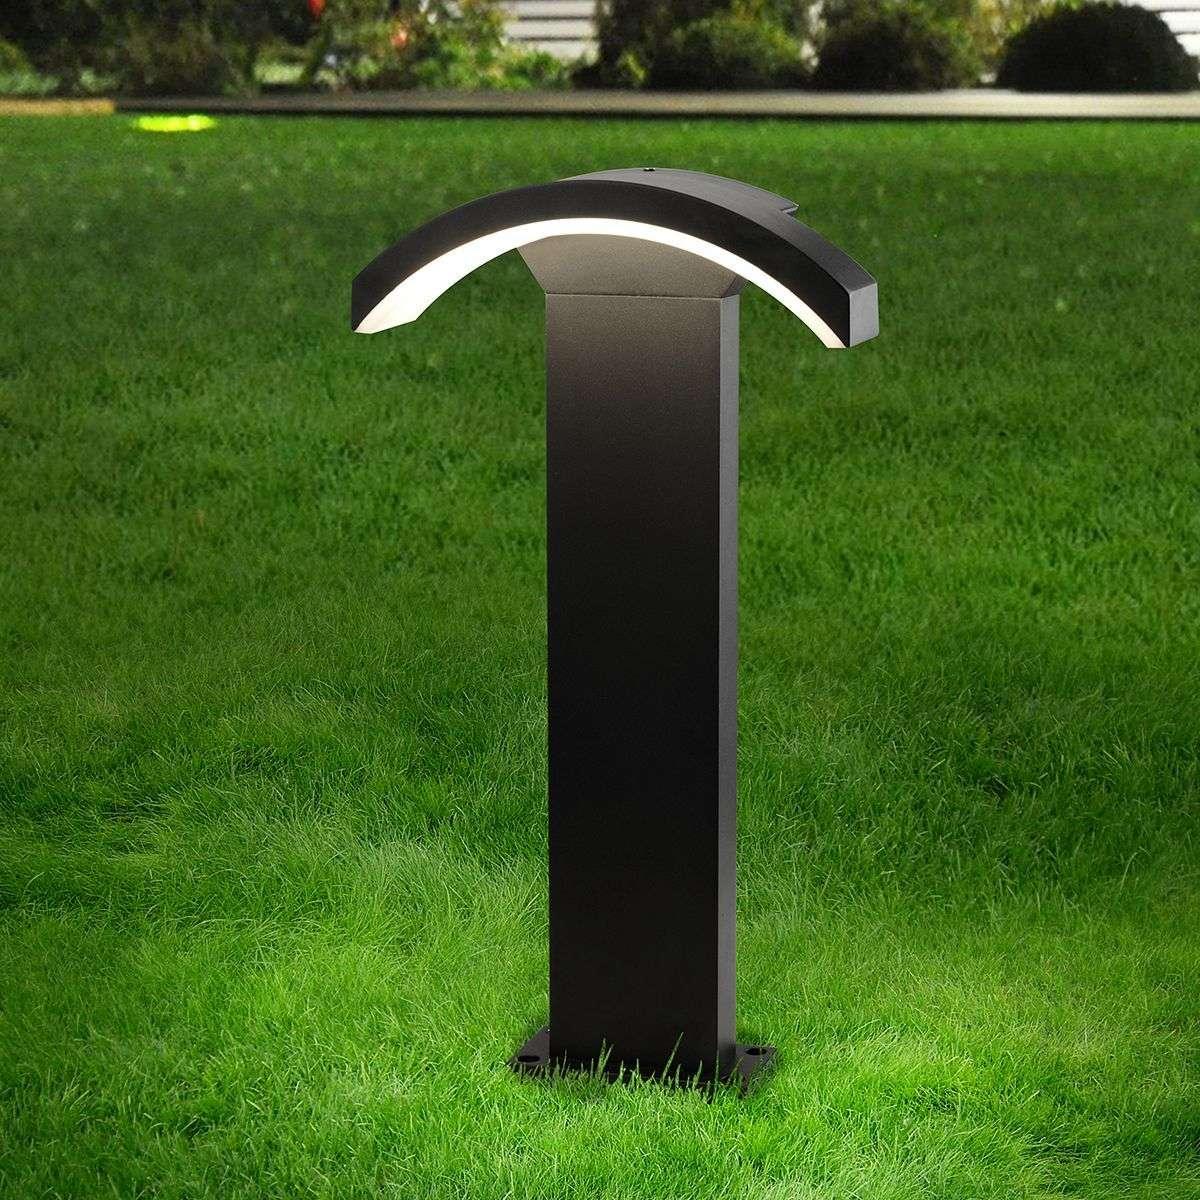 Ландшафтный светодиодный светильник Asteria F IP54 1677 Techno LED черный